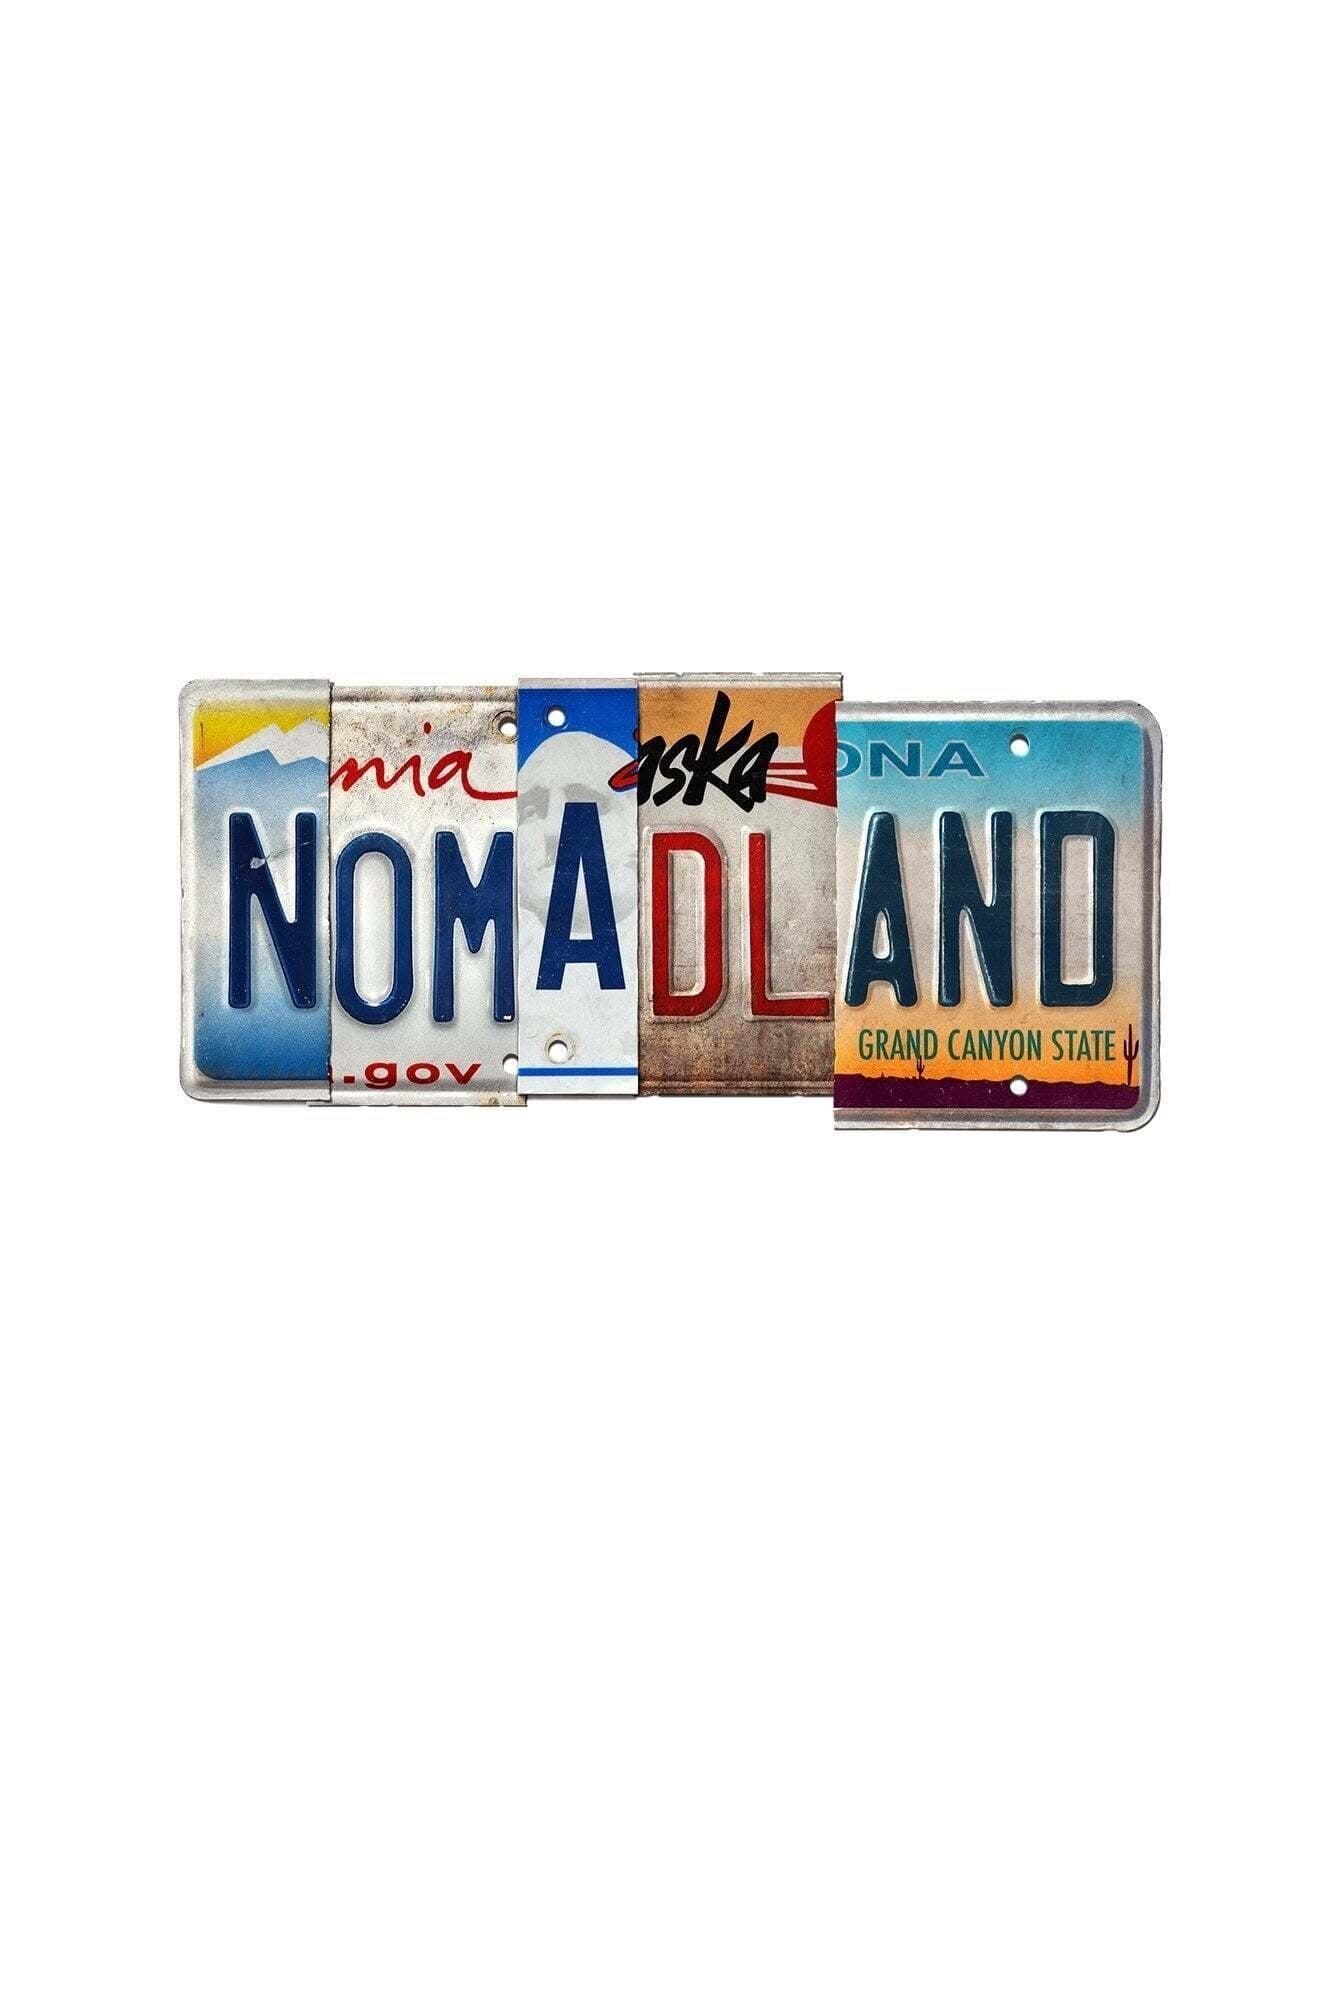 Nomadland Poster